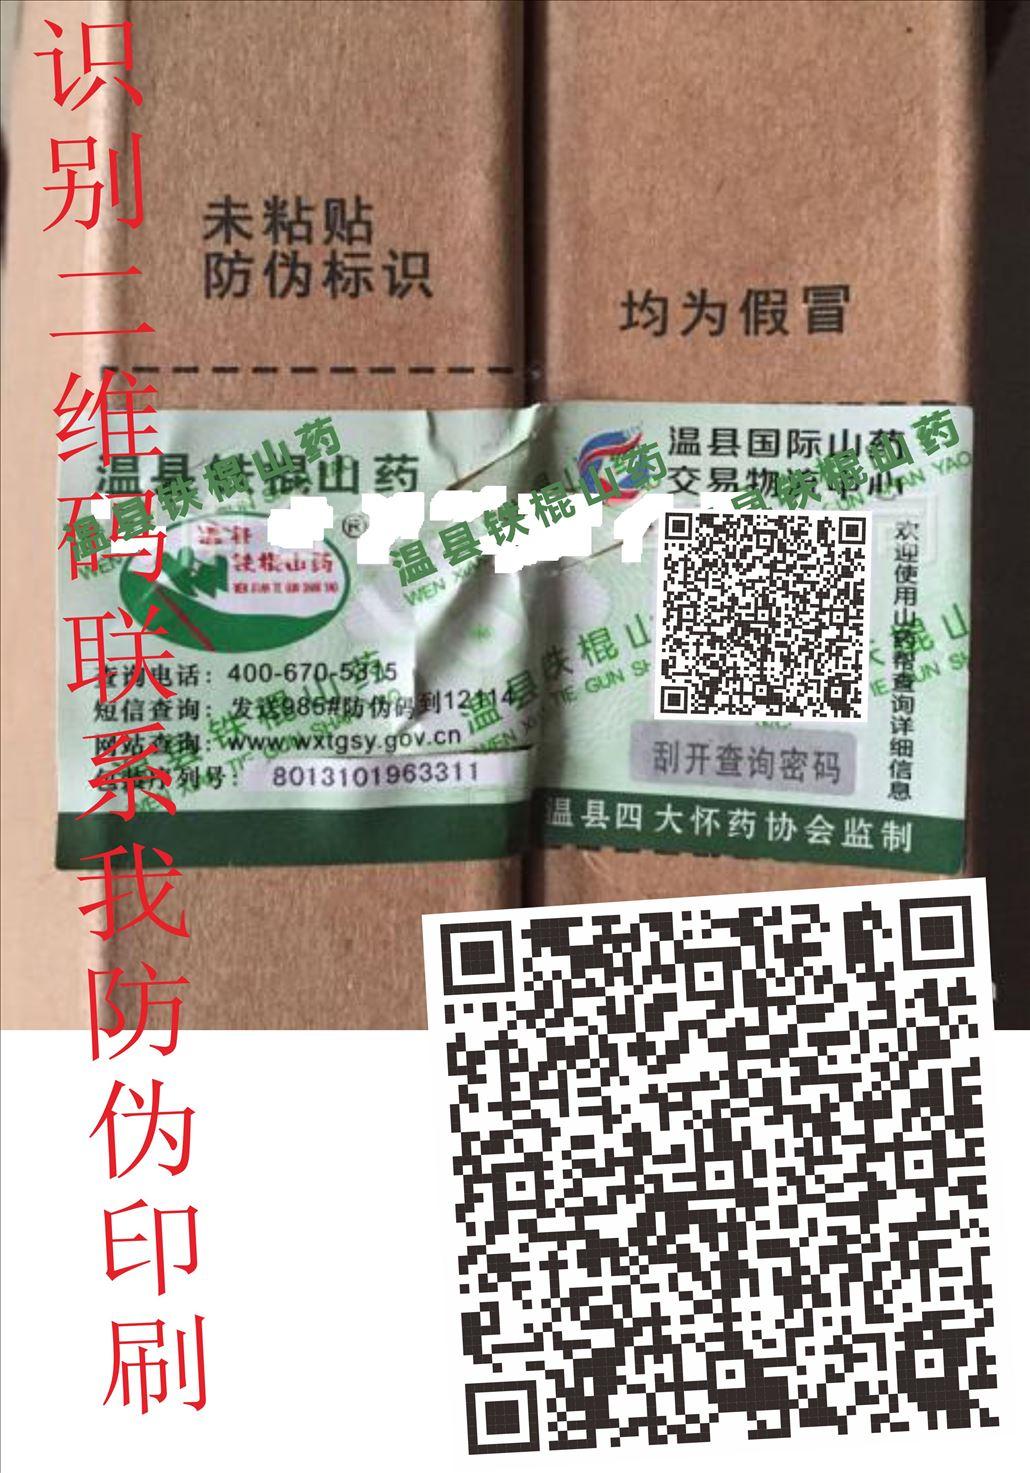 定制防伪标签价格是多少?贵吗?,电码防伪标签技术原理,